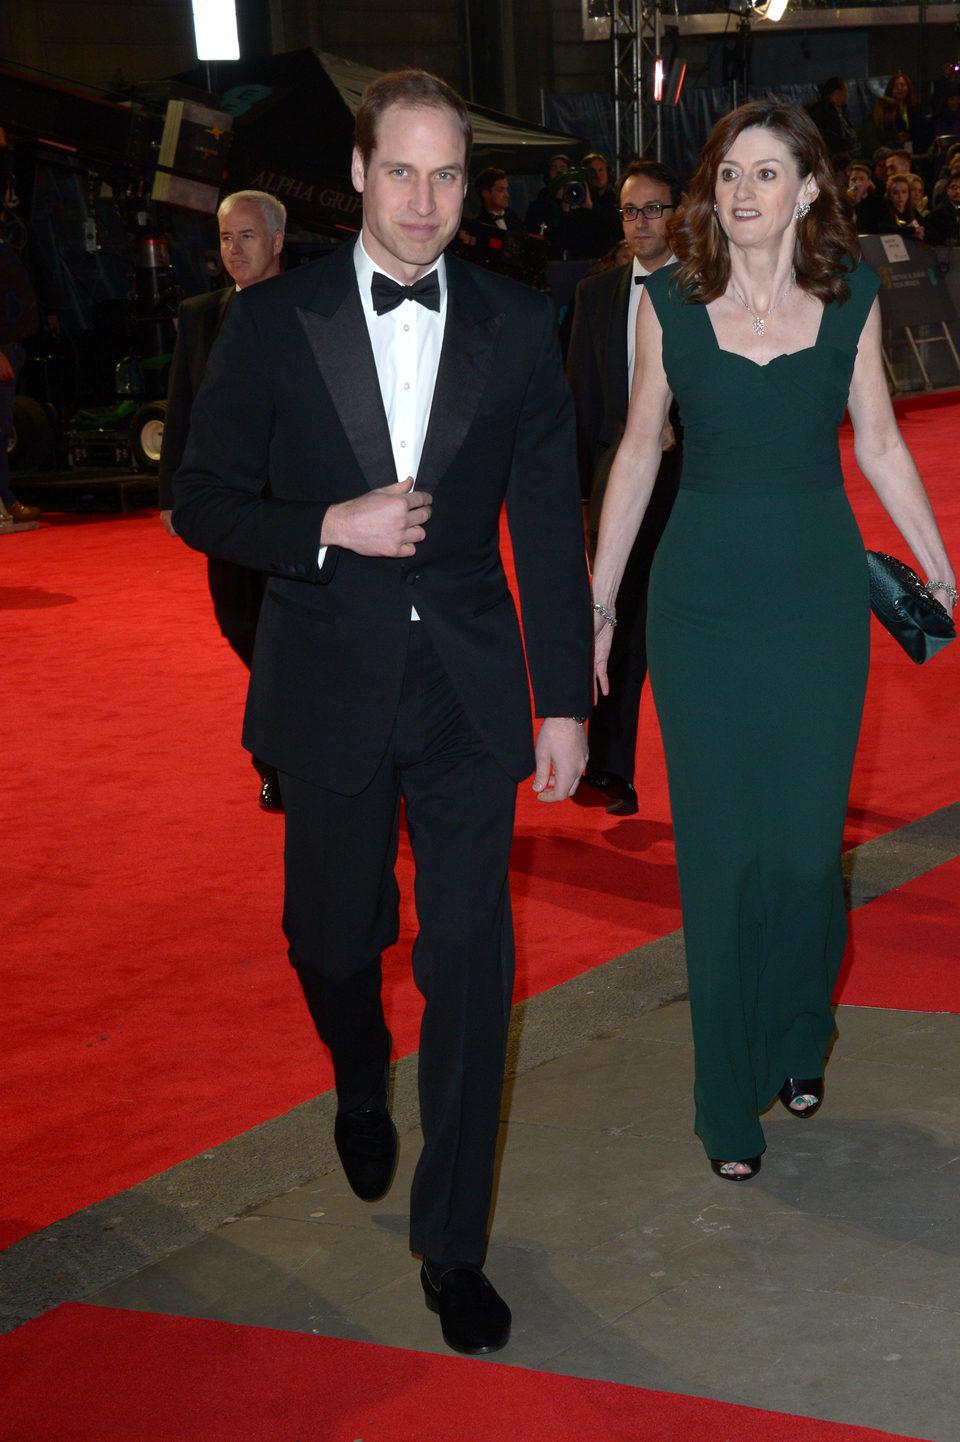 El Príncipe Guillermo en la alfombra roja de los BAFTA 2014